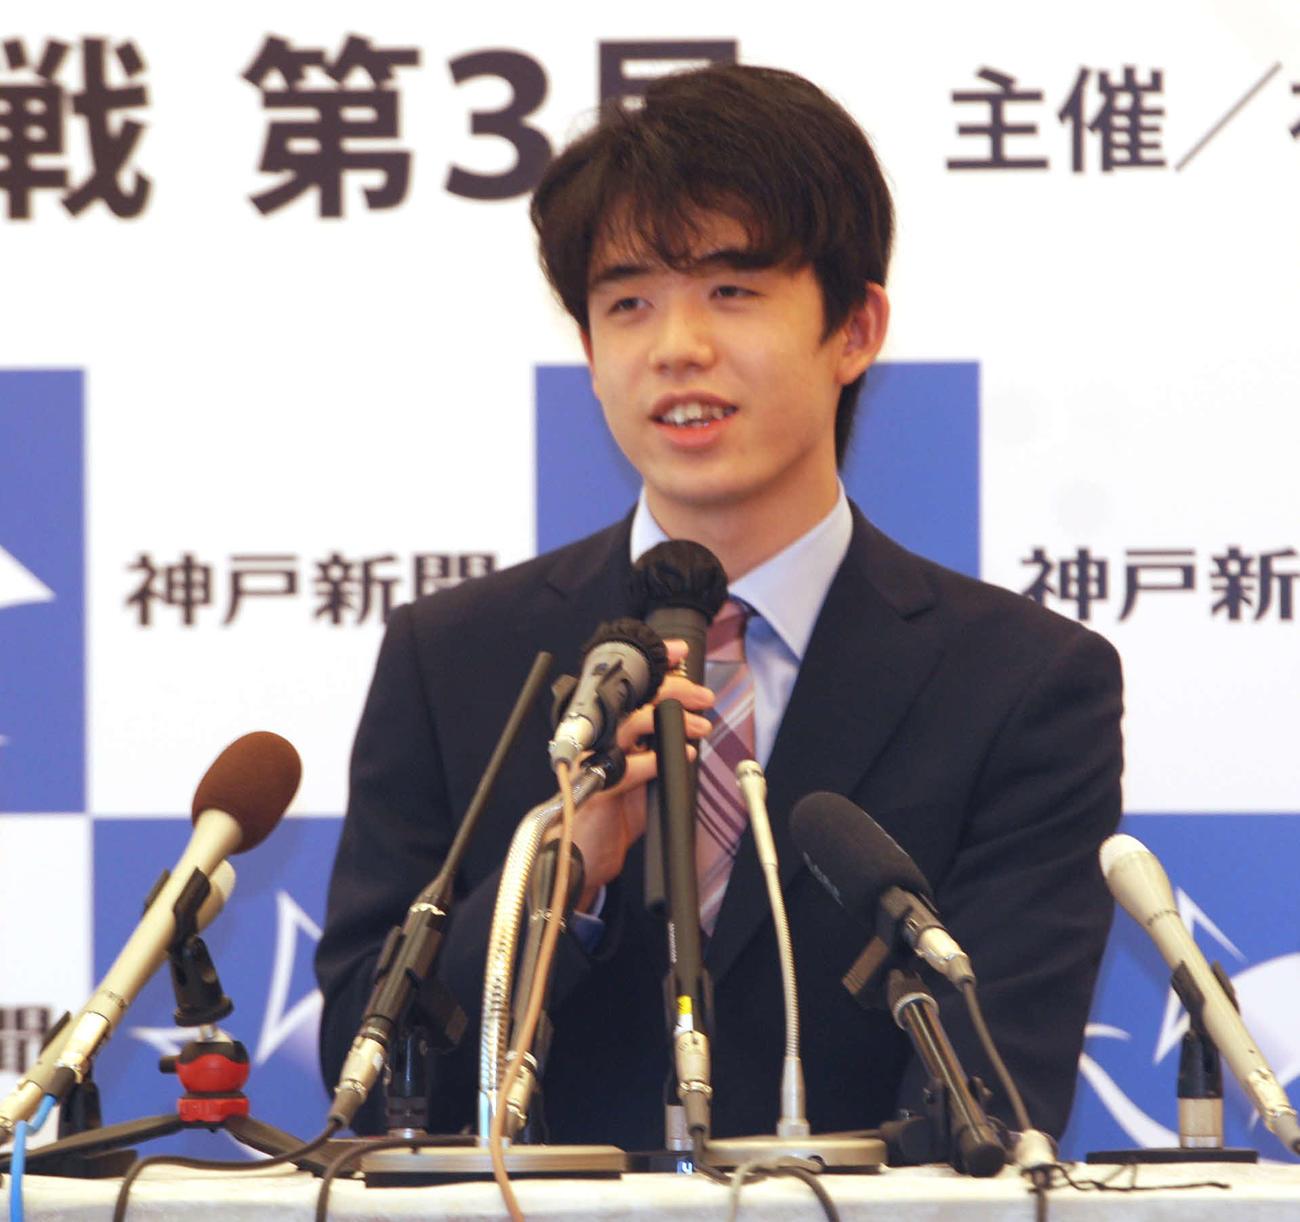 前日会見に臨んだ藤井聡太棋聖(撮影・松浦隆司)